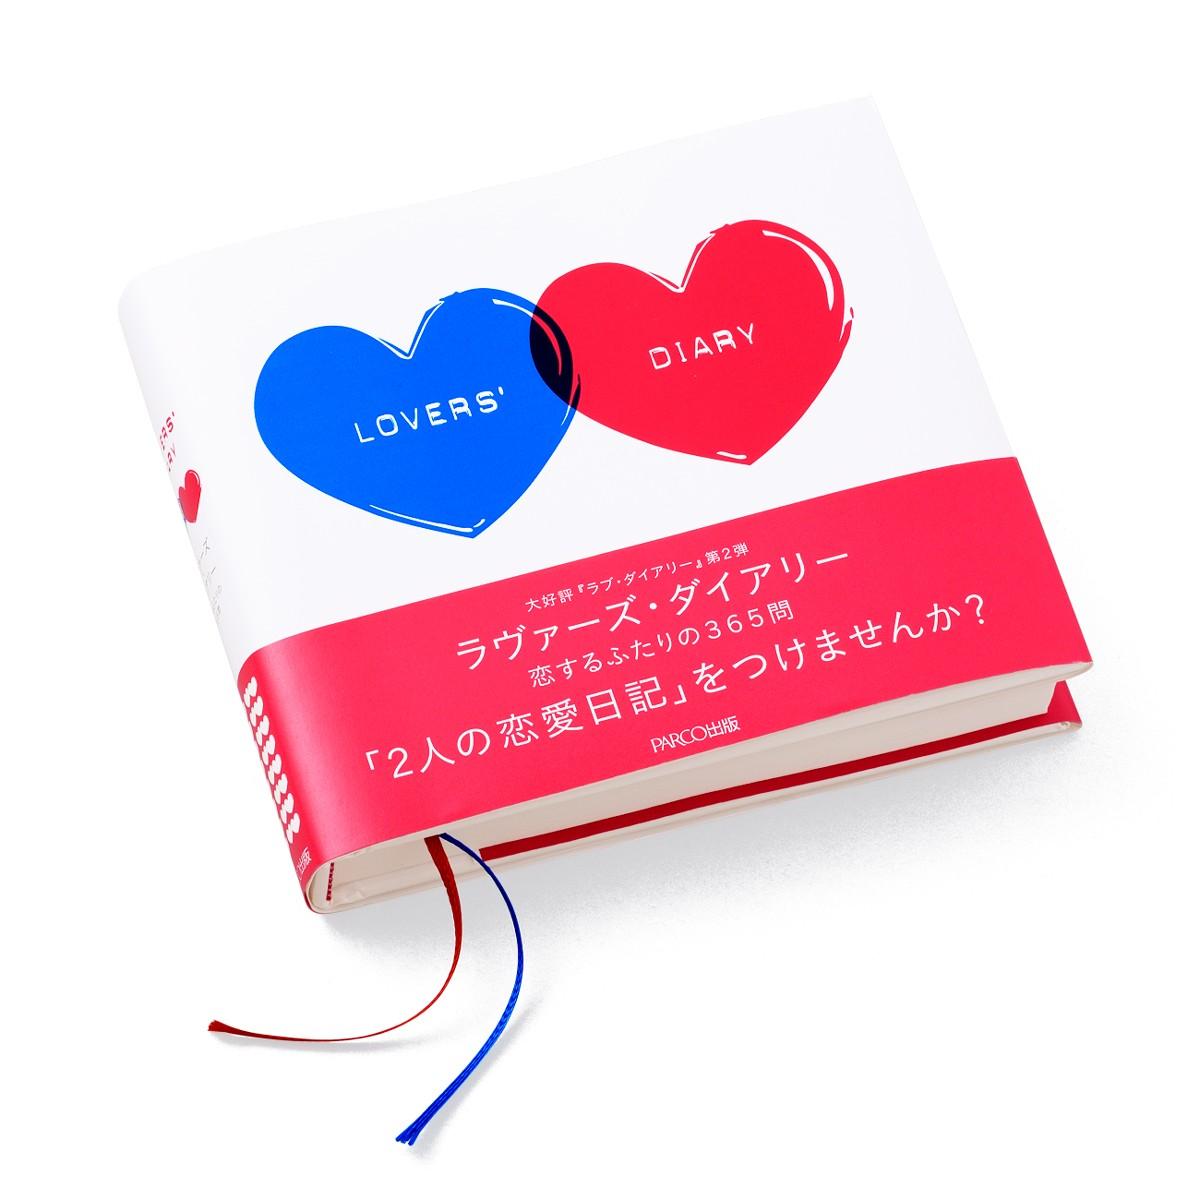 ラヴァーズ・ダイアリー LOVERS-D…